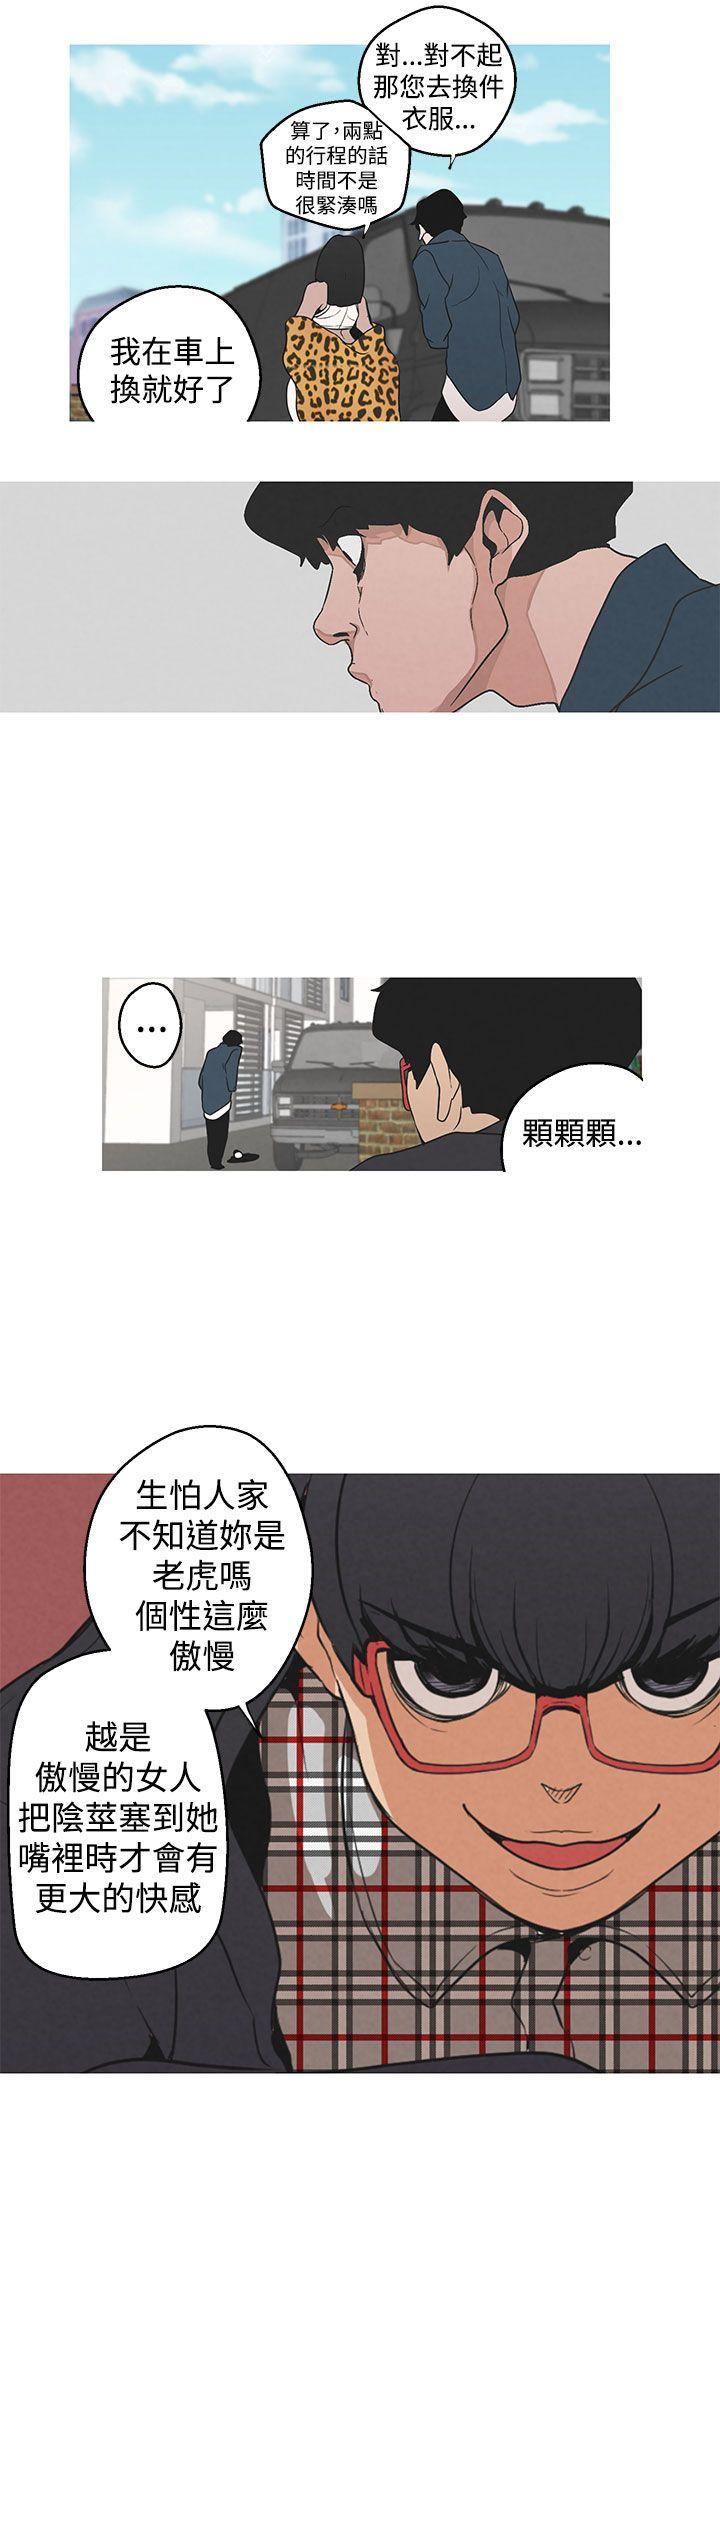 女神狩猎 第1~3話 [Chinese]中文 Harc 95